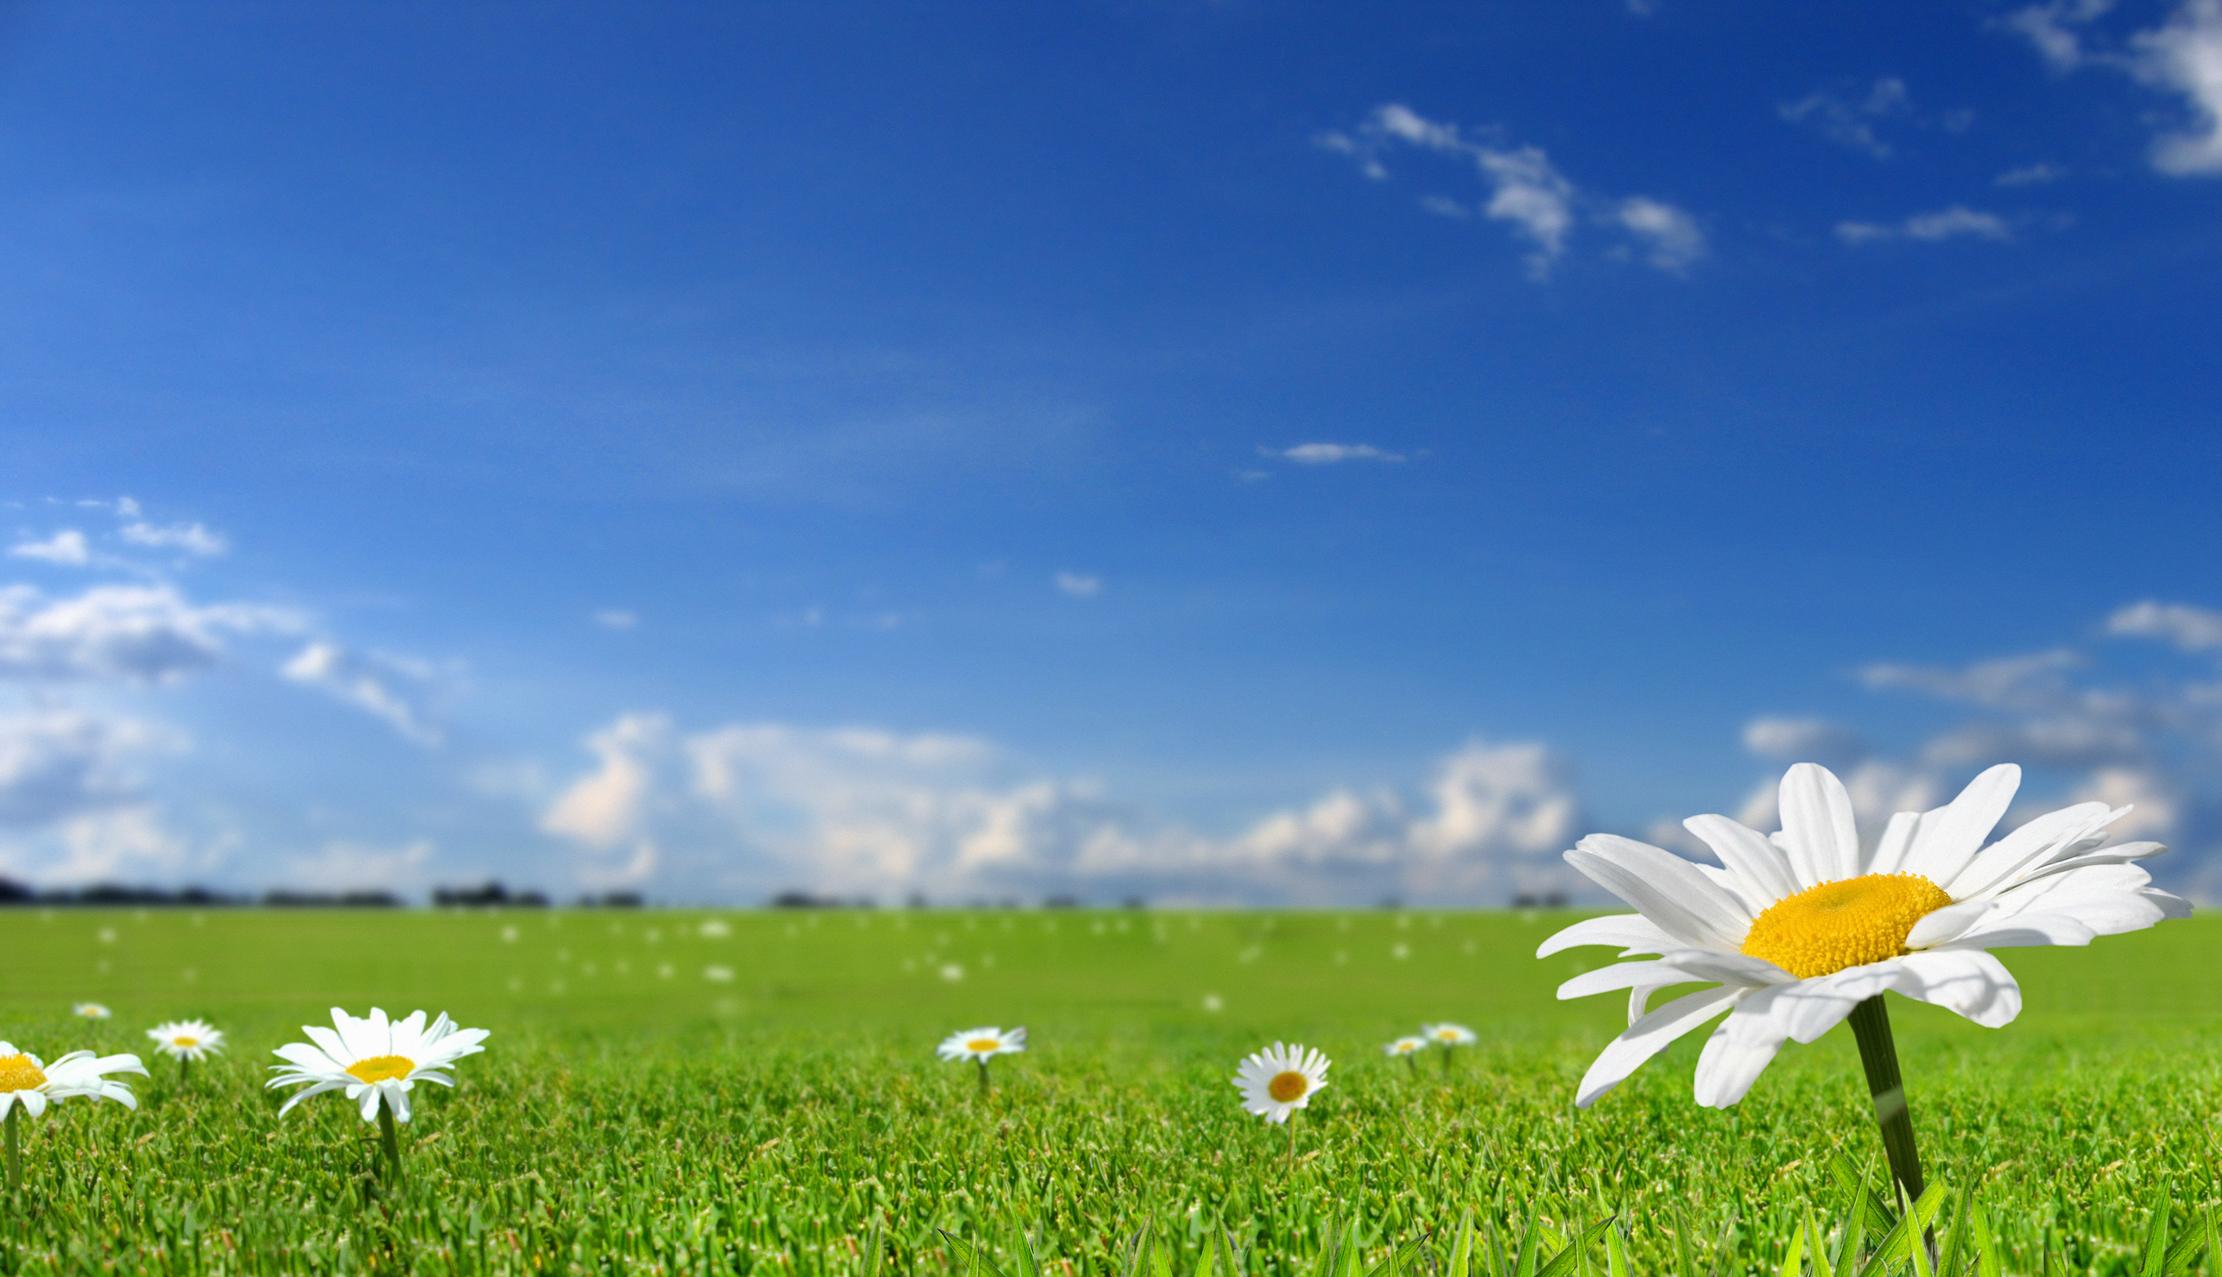 Поле трава красивые обои рабочий стол